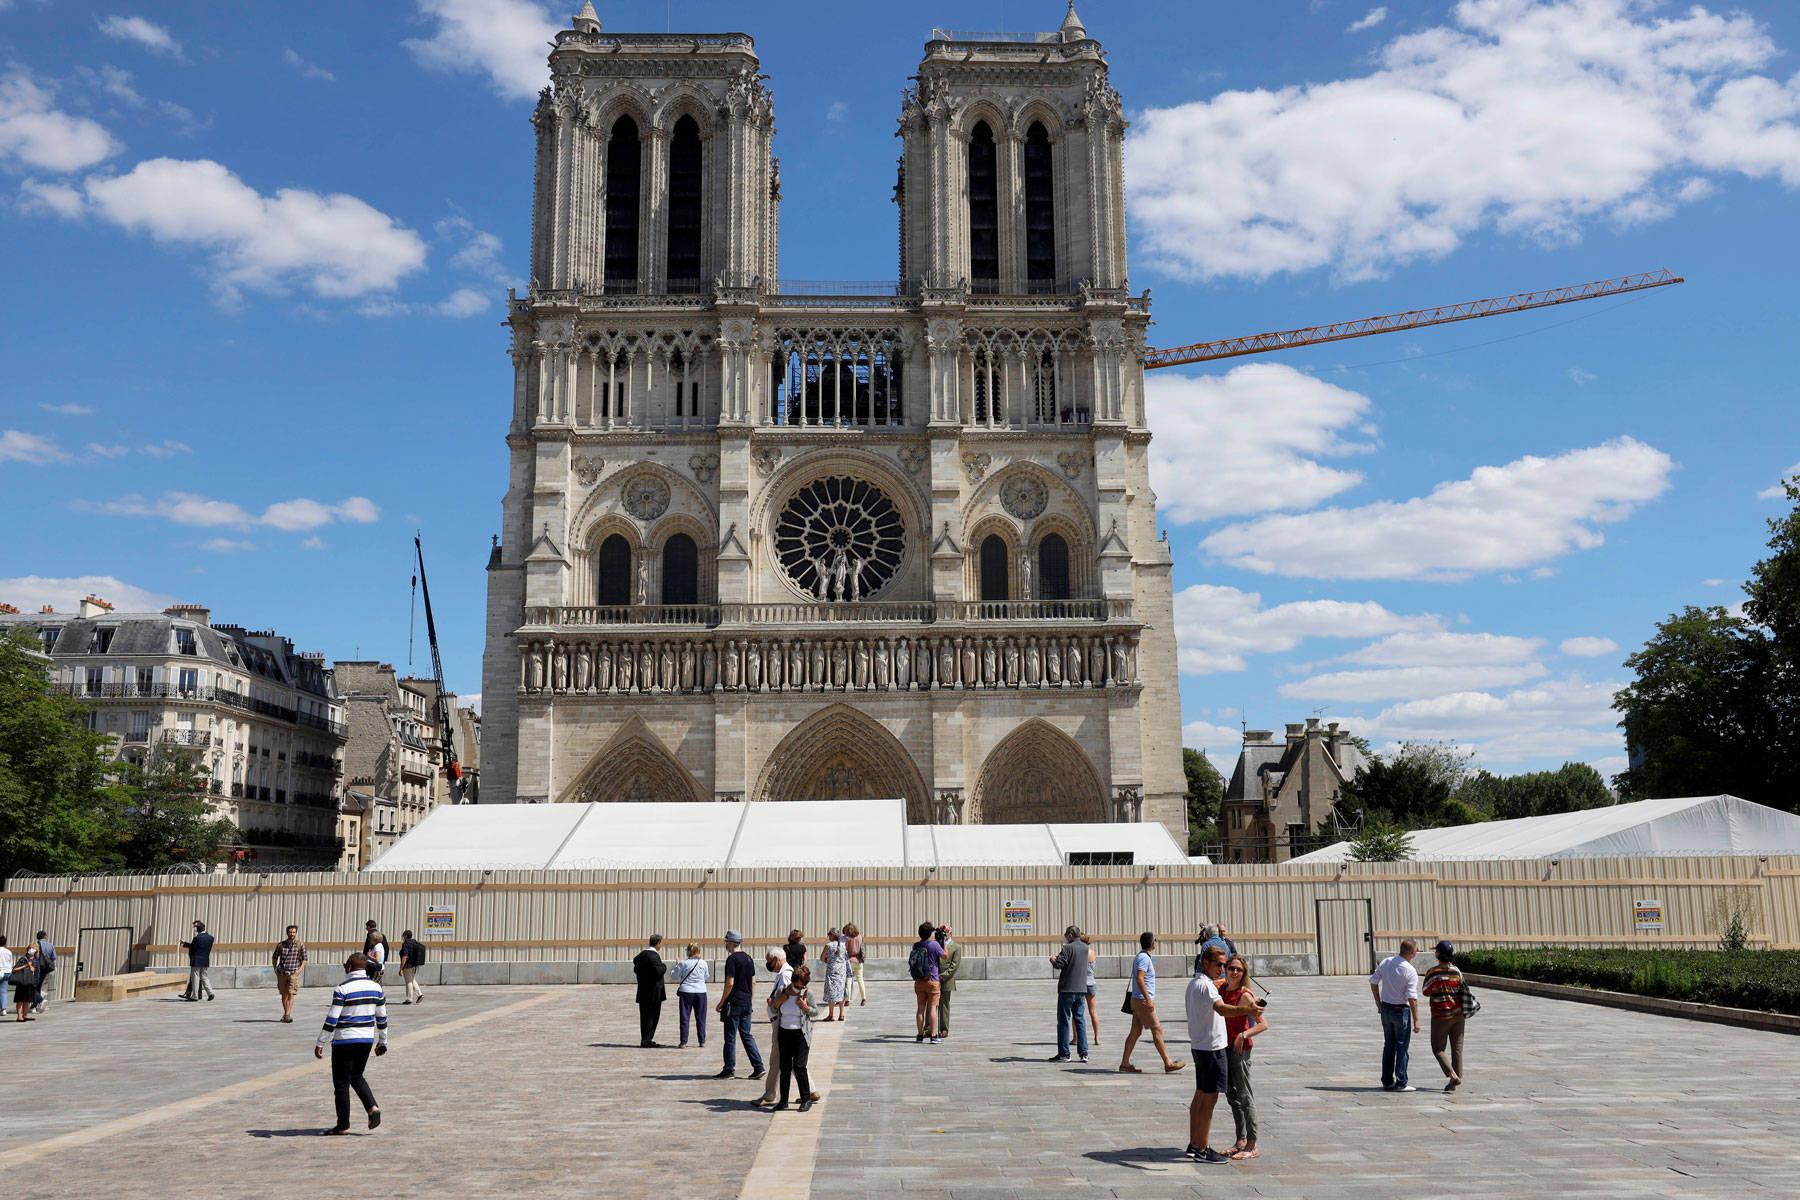 巴黎圣母院前广场开放